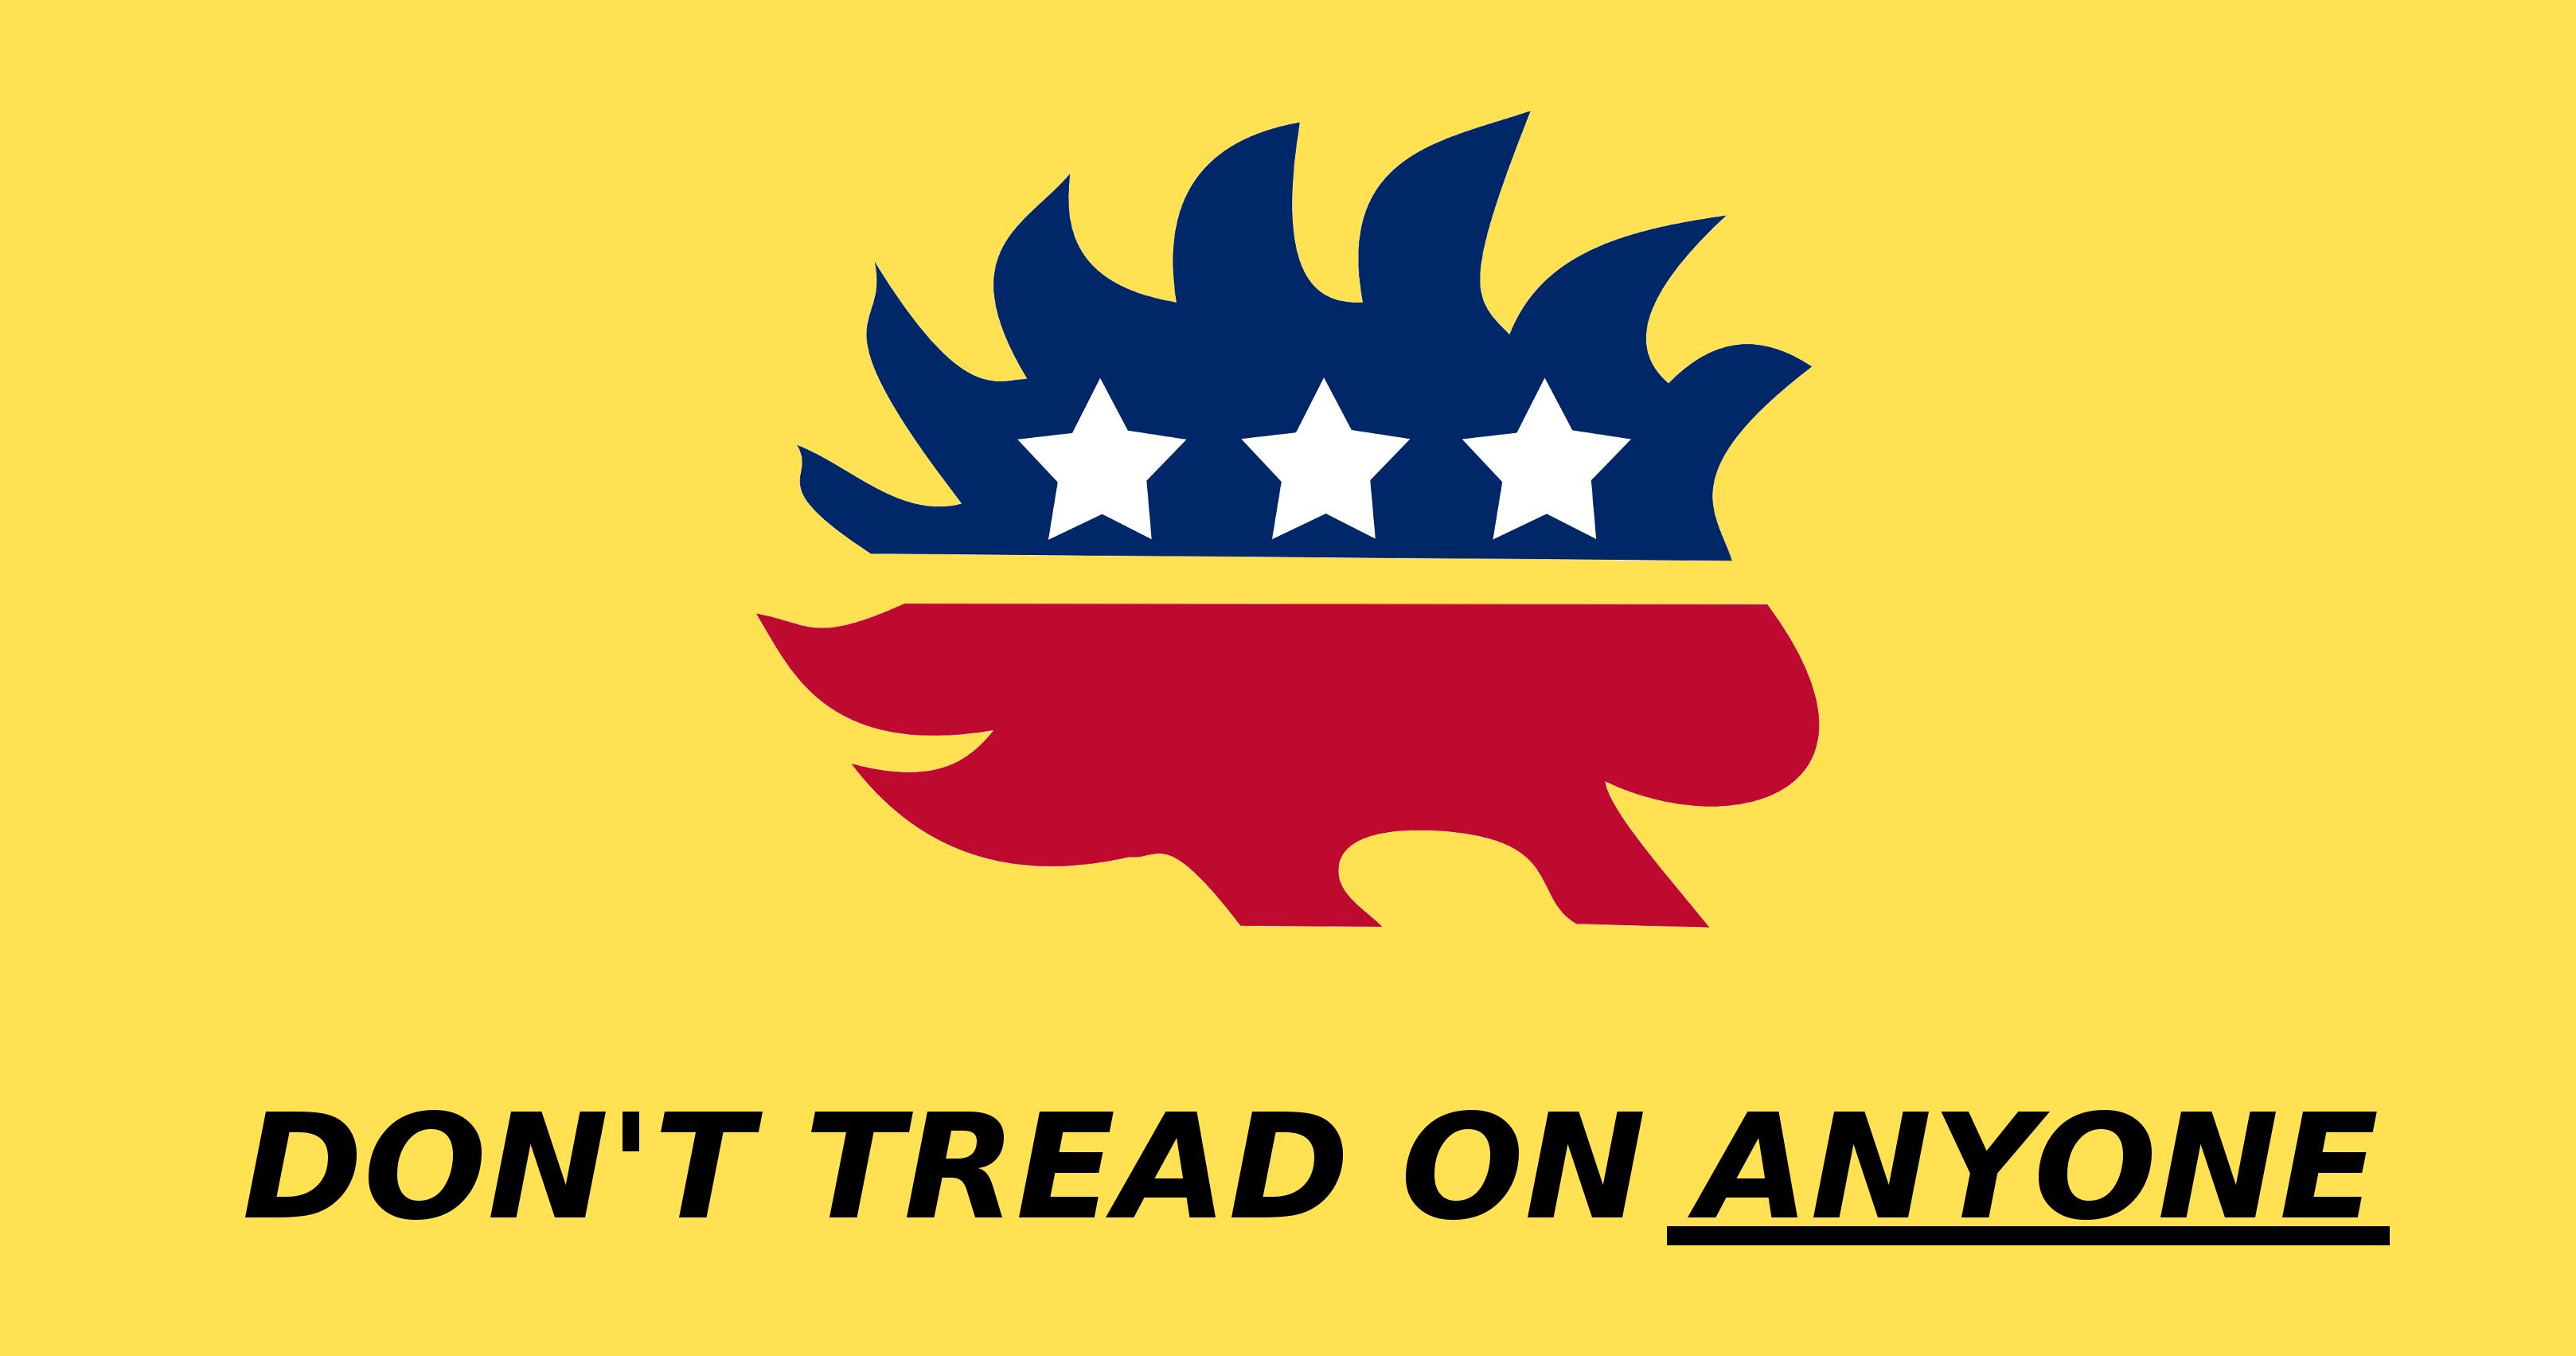 636081222236678484-1069046096_libertarian 6.png